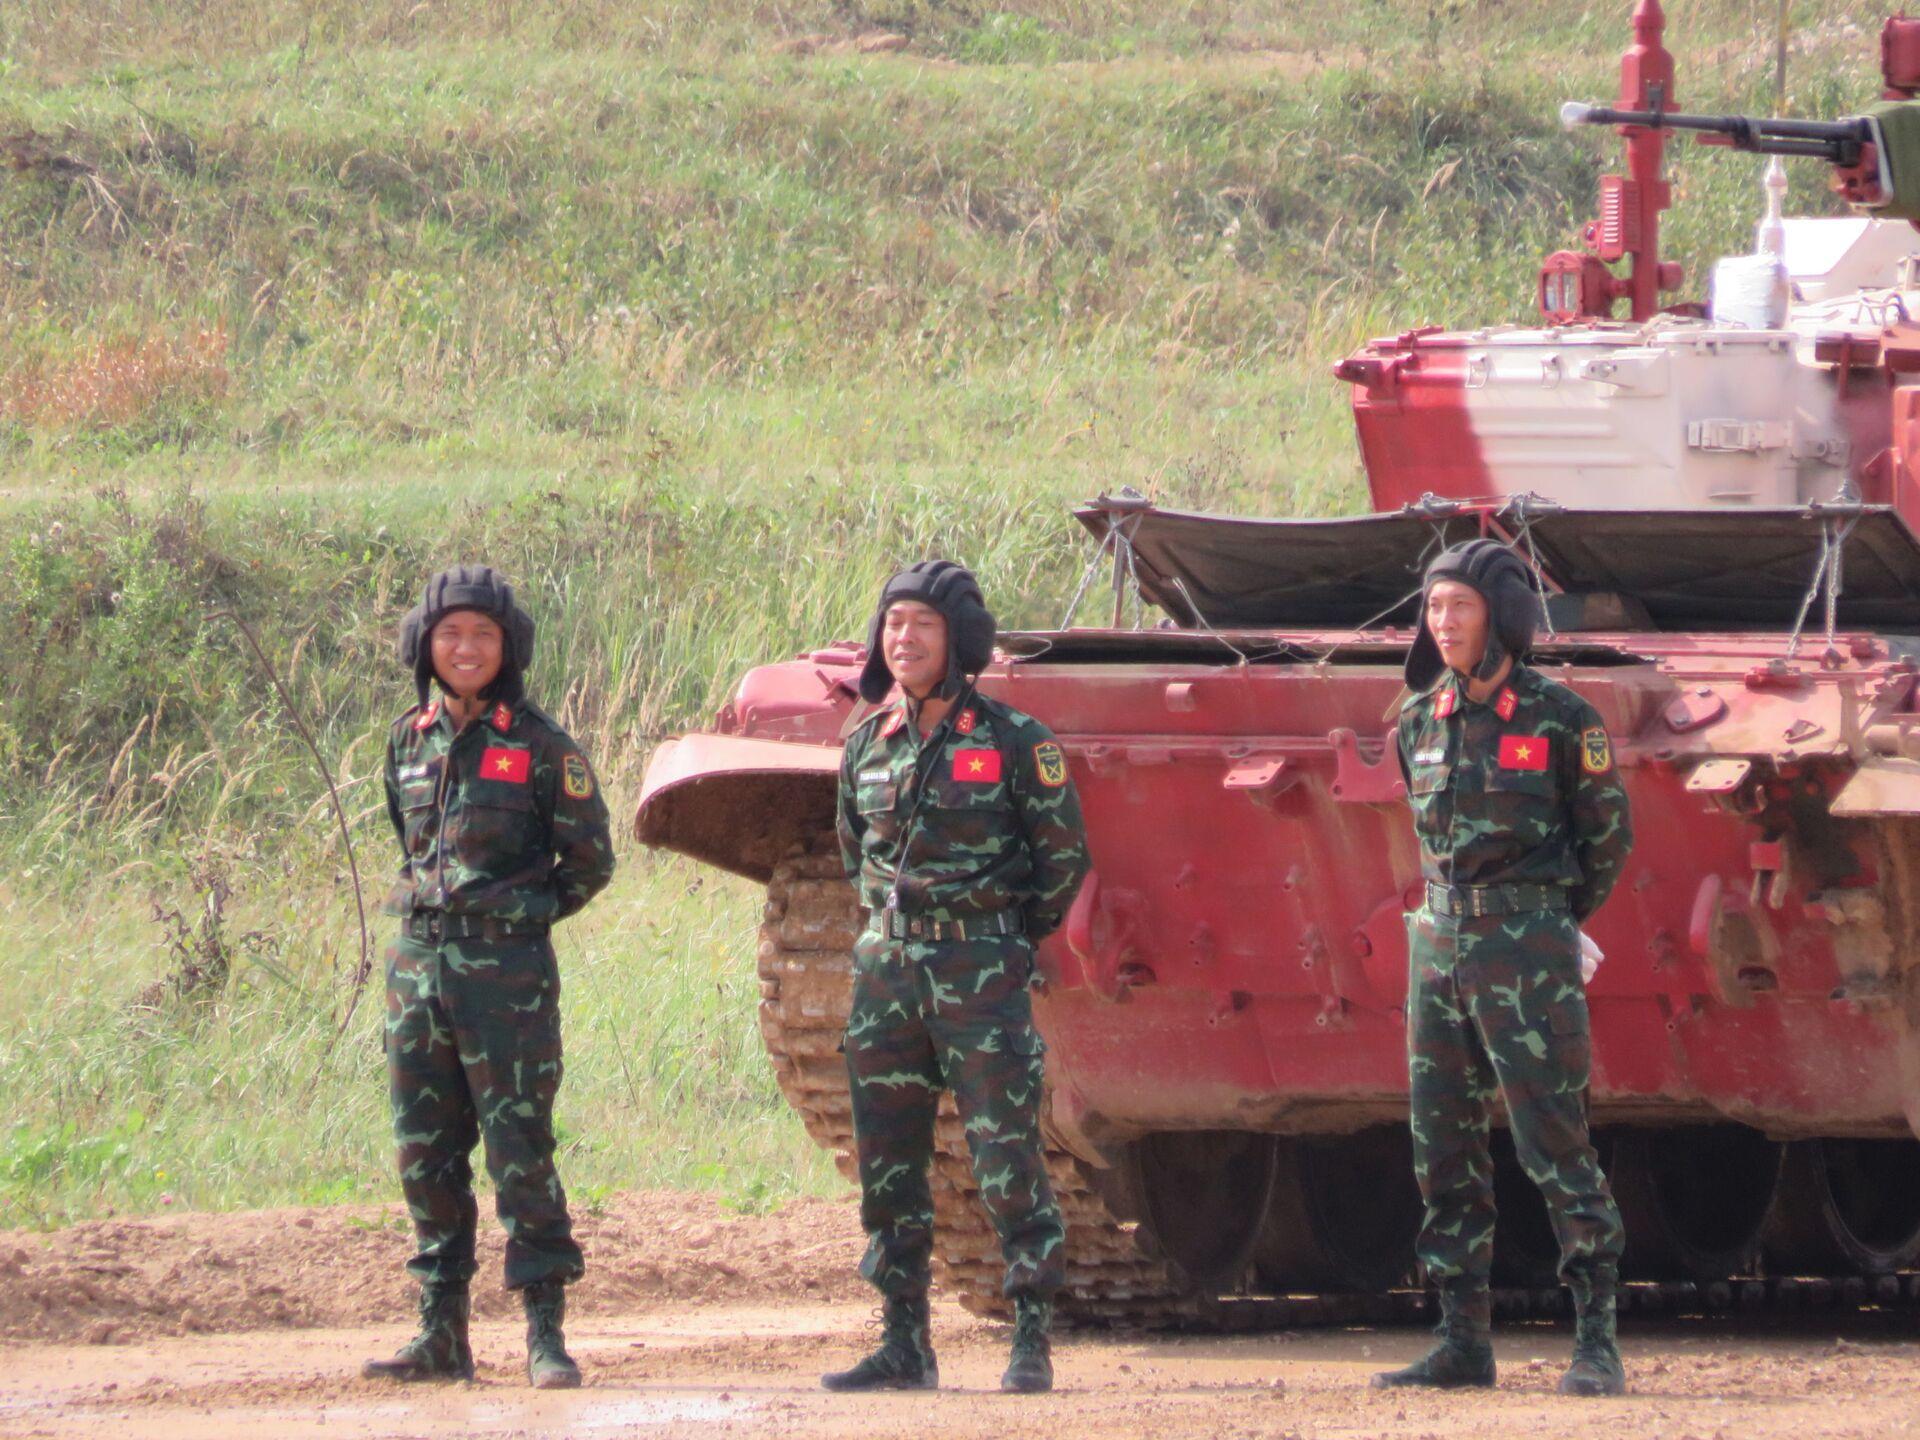 Kíp thứ ba của Việt Nam (VN3): thiếu tá Trần Việt Hải (trưởng xe), thượng úy Phan Anh Tuấn (pháo thủ-điều hành) và thượng úy Nguyễn Tiến Chiến (thợ máy-lái xe) - Sputnik Việt Nam, 1920, 05.10.2021